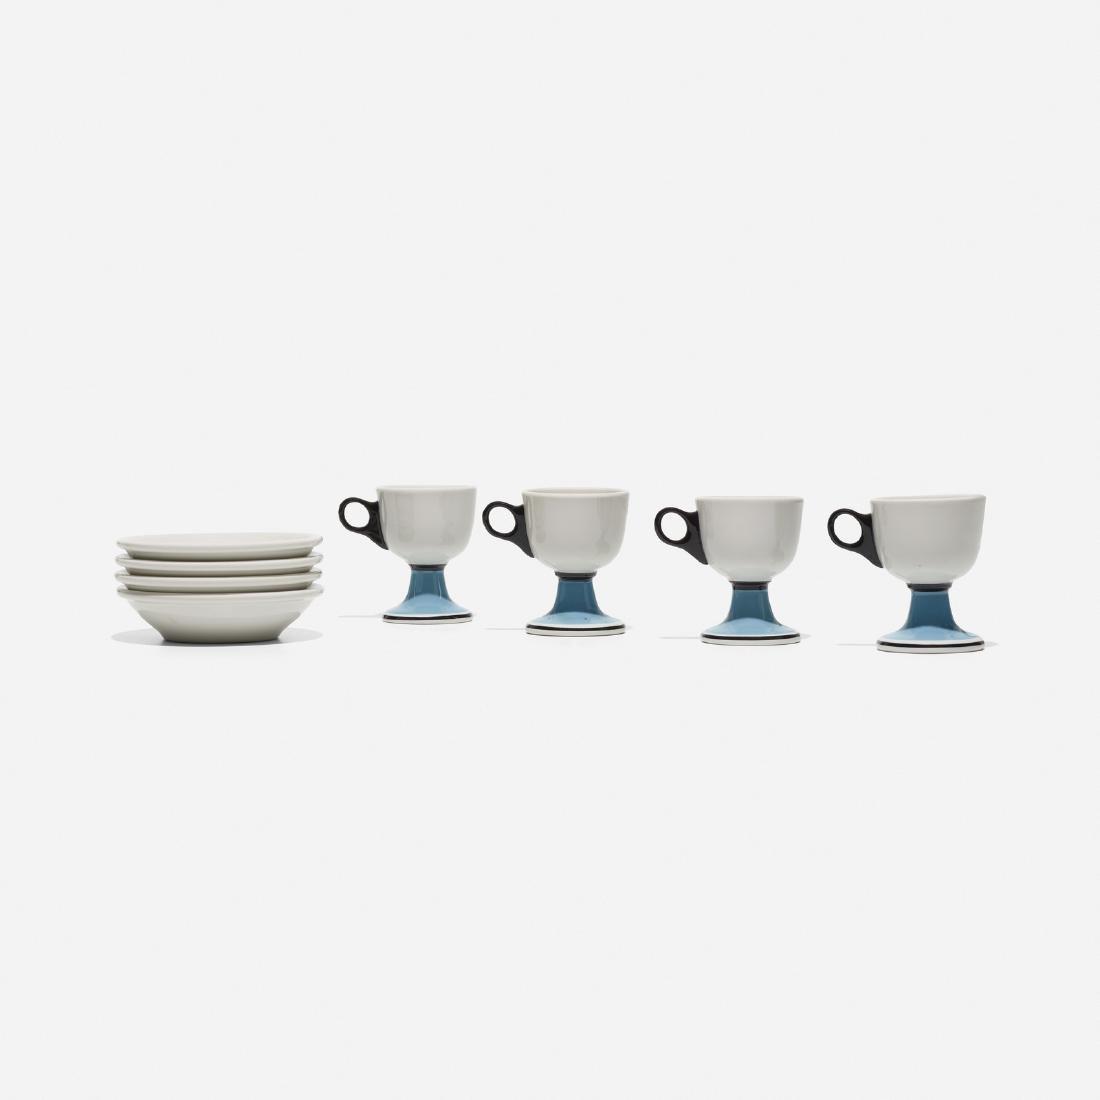 Girard, 4 cups and saucers, La Fonda del Sol